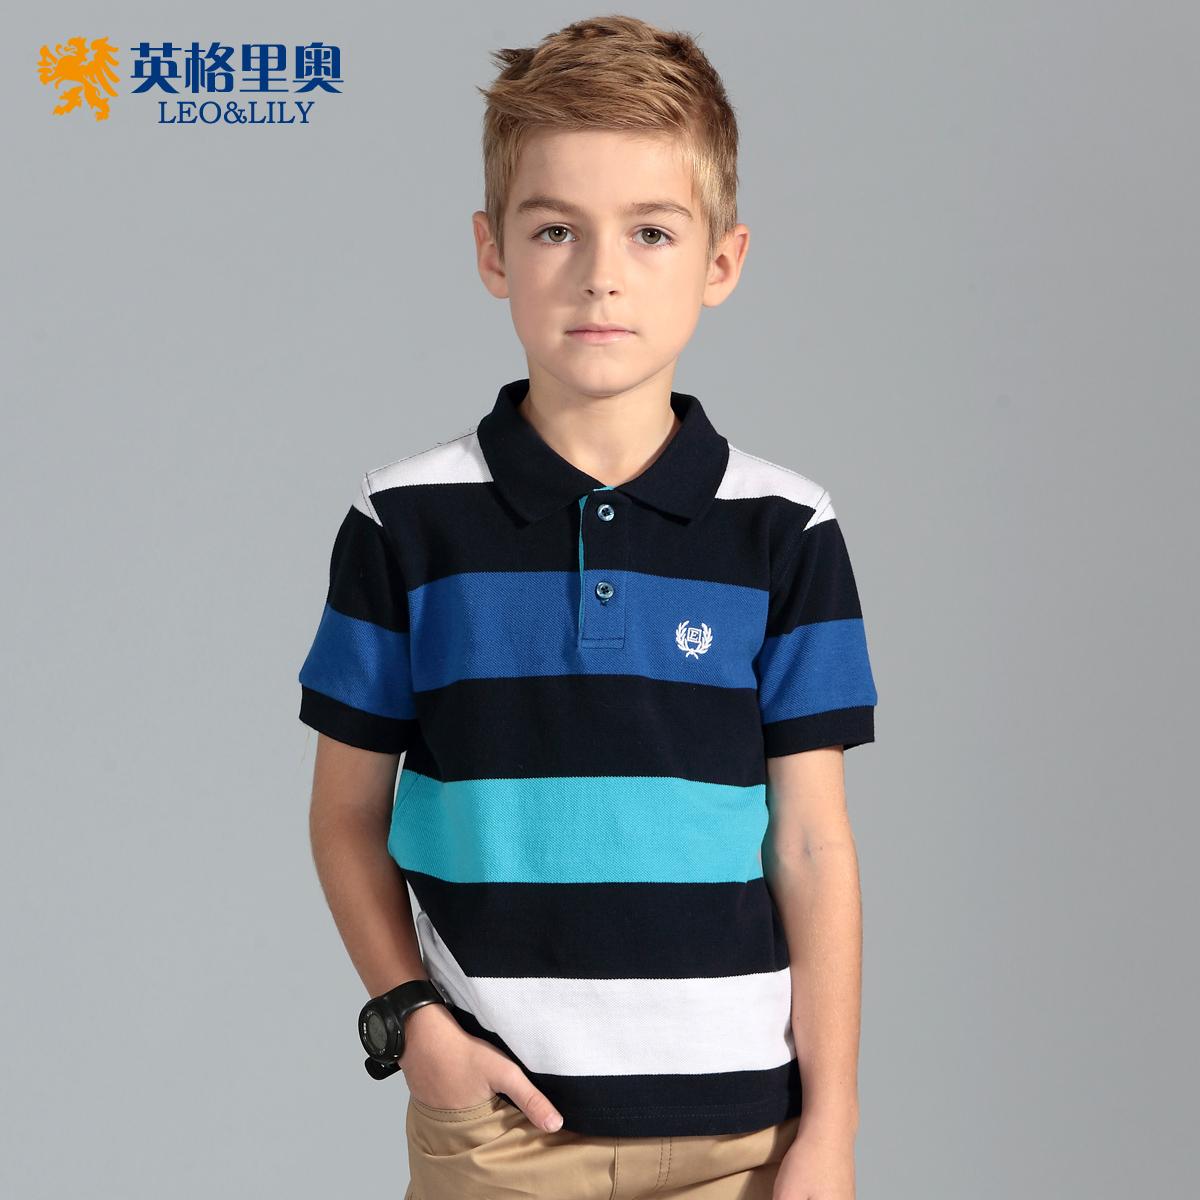 童裝男童短袖t恤中大童純棉半袖體恤兒童休閒條紋翻領夏裝polo衫